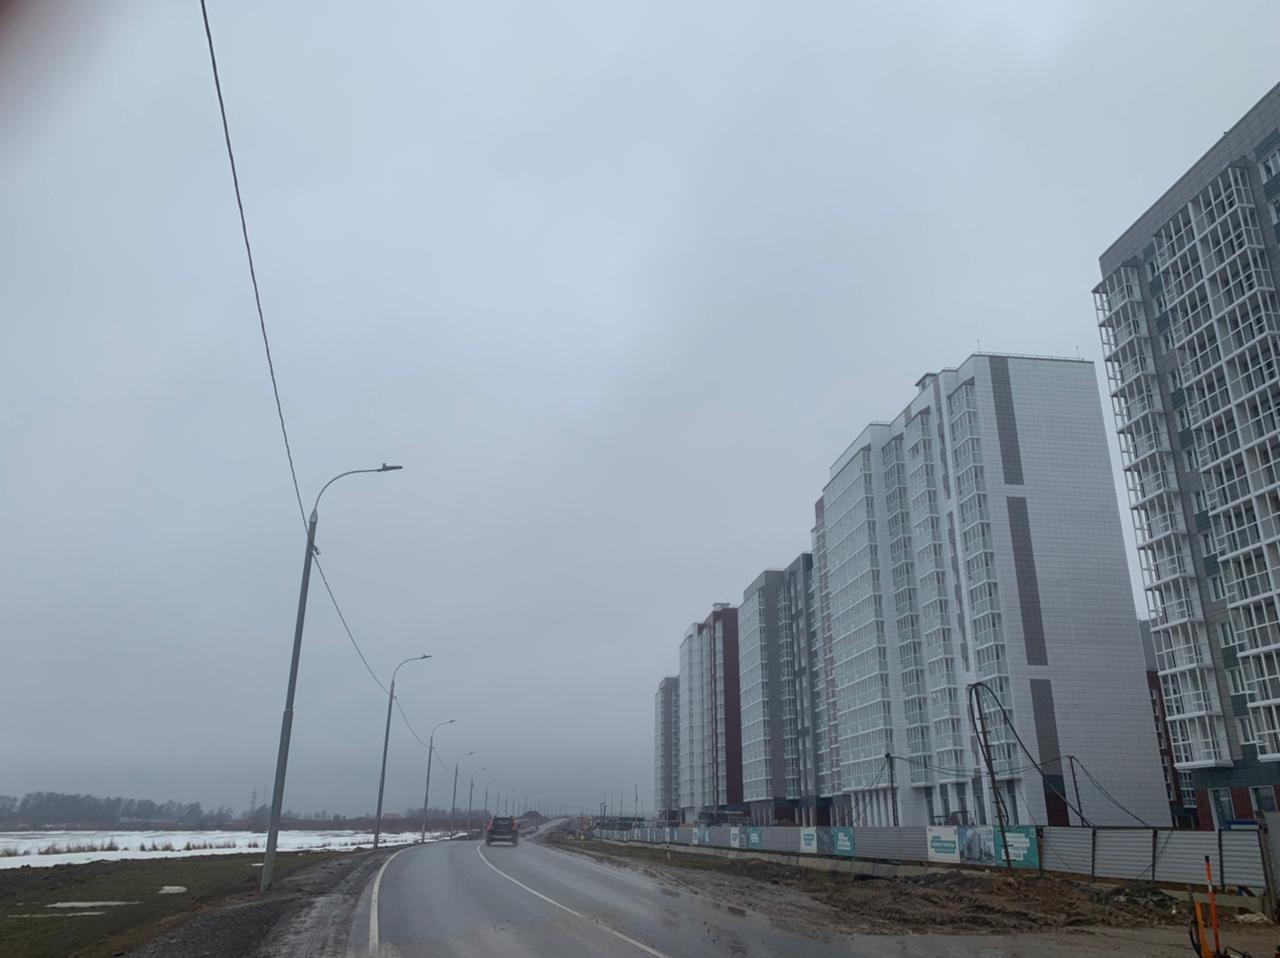 Работы по установке опор освещения завершили в поселении Десеновское. Фото предоставили сотрудники администрации